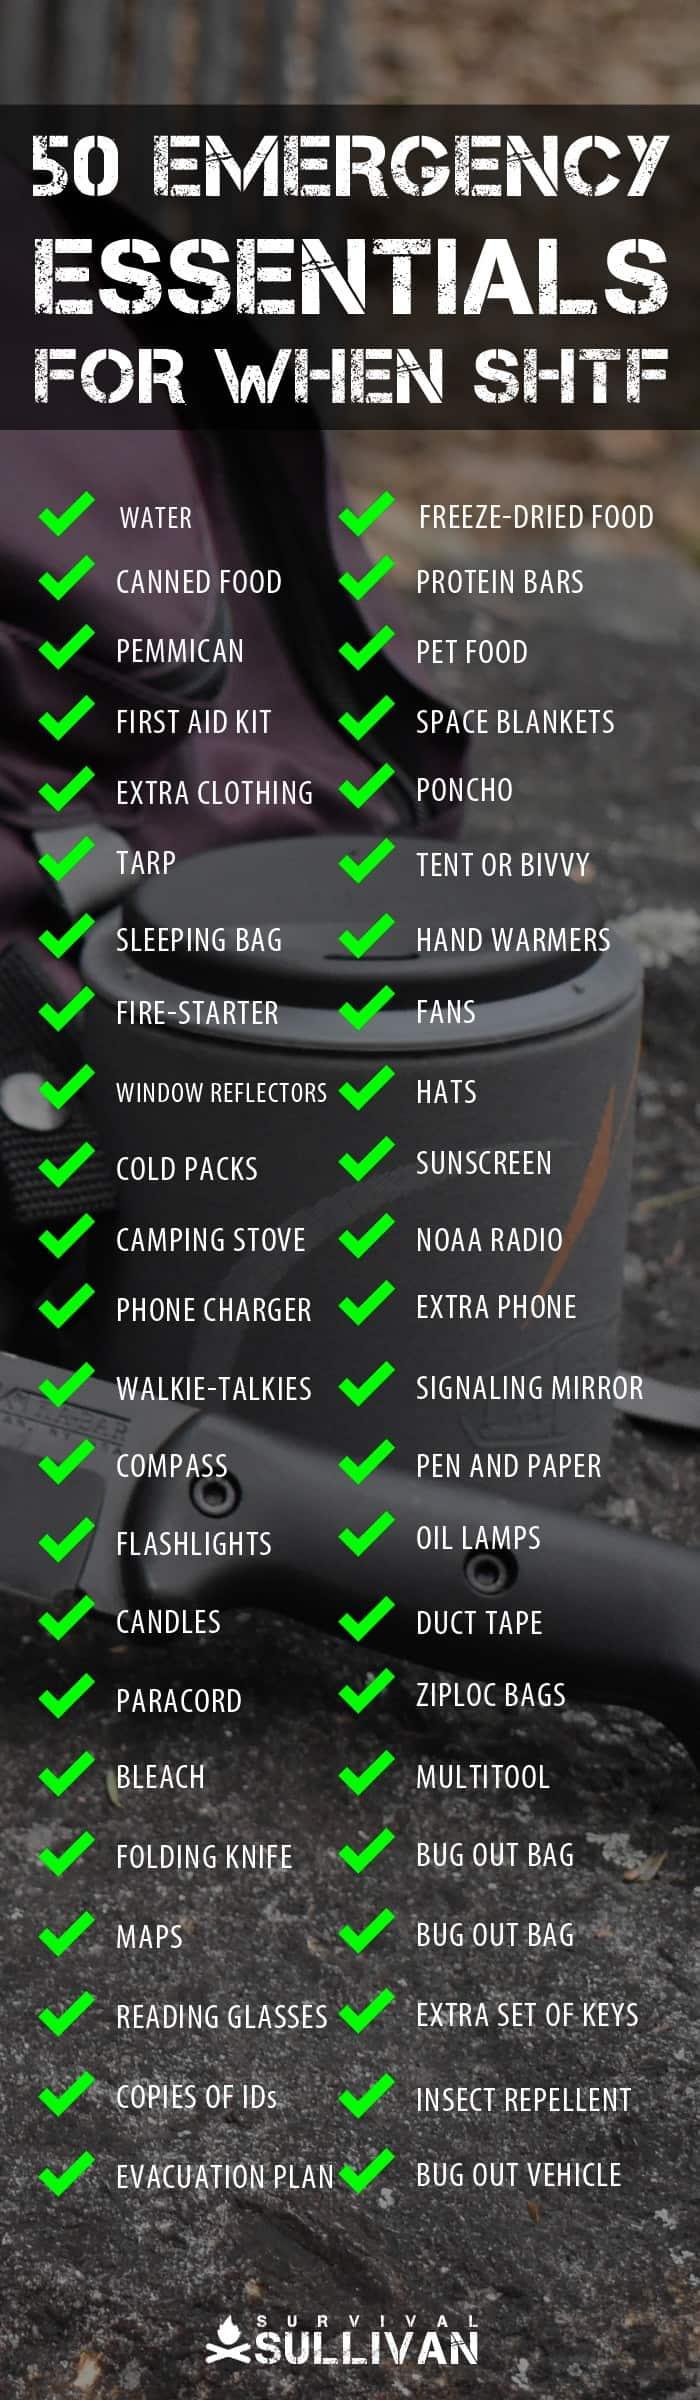 emergency essentials Pinterest image